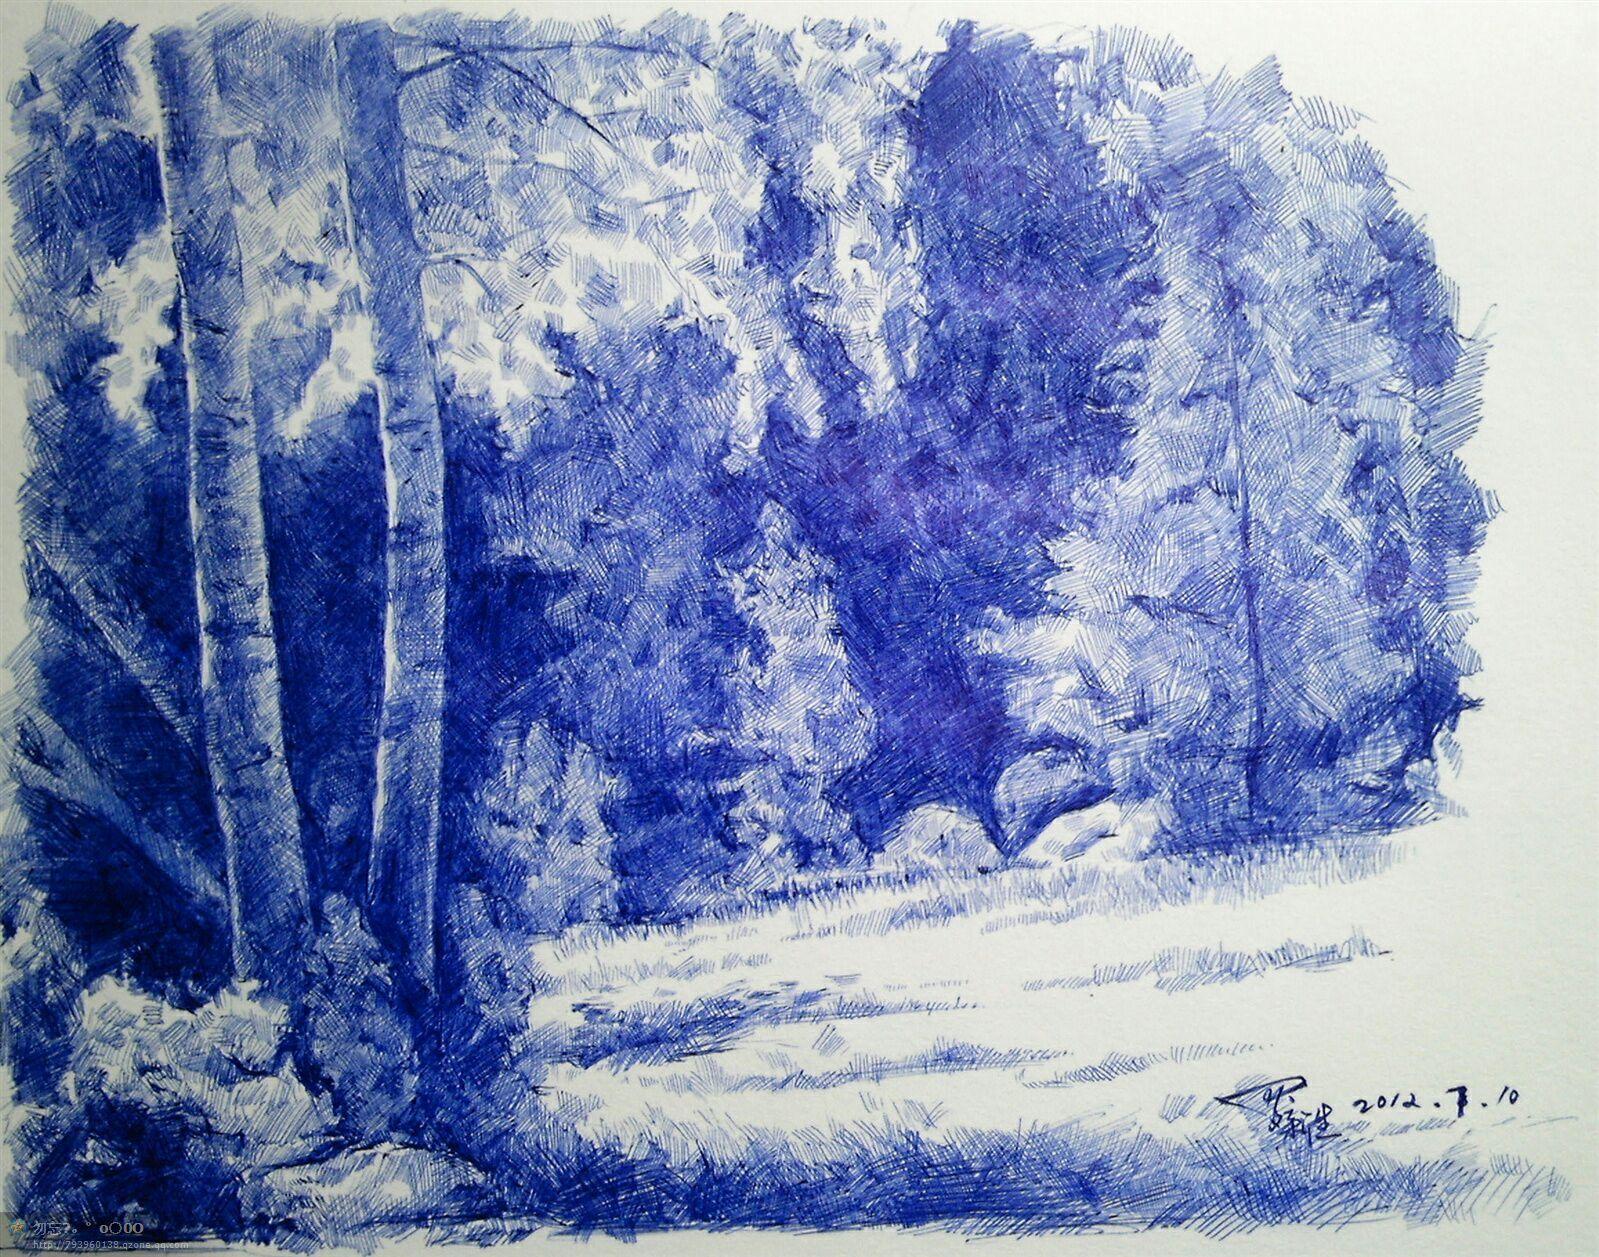 一些铅笔风景素描画_想画好圆珠笔画,希望大家能帮忙提点建议? - 知乎